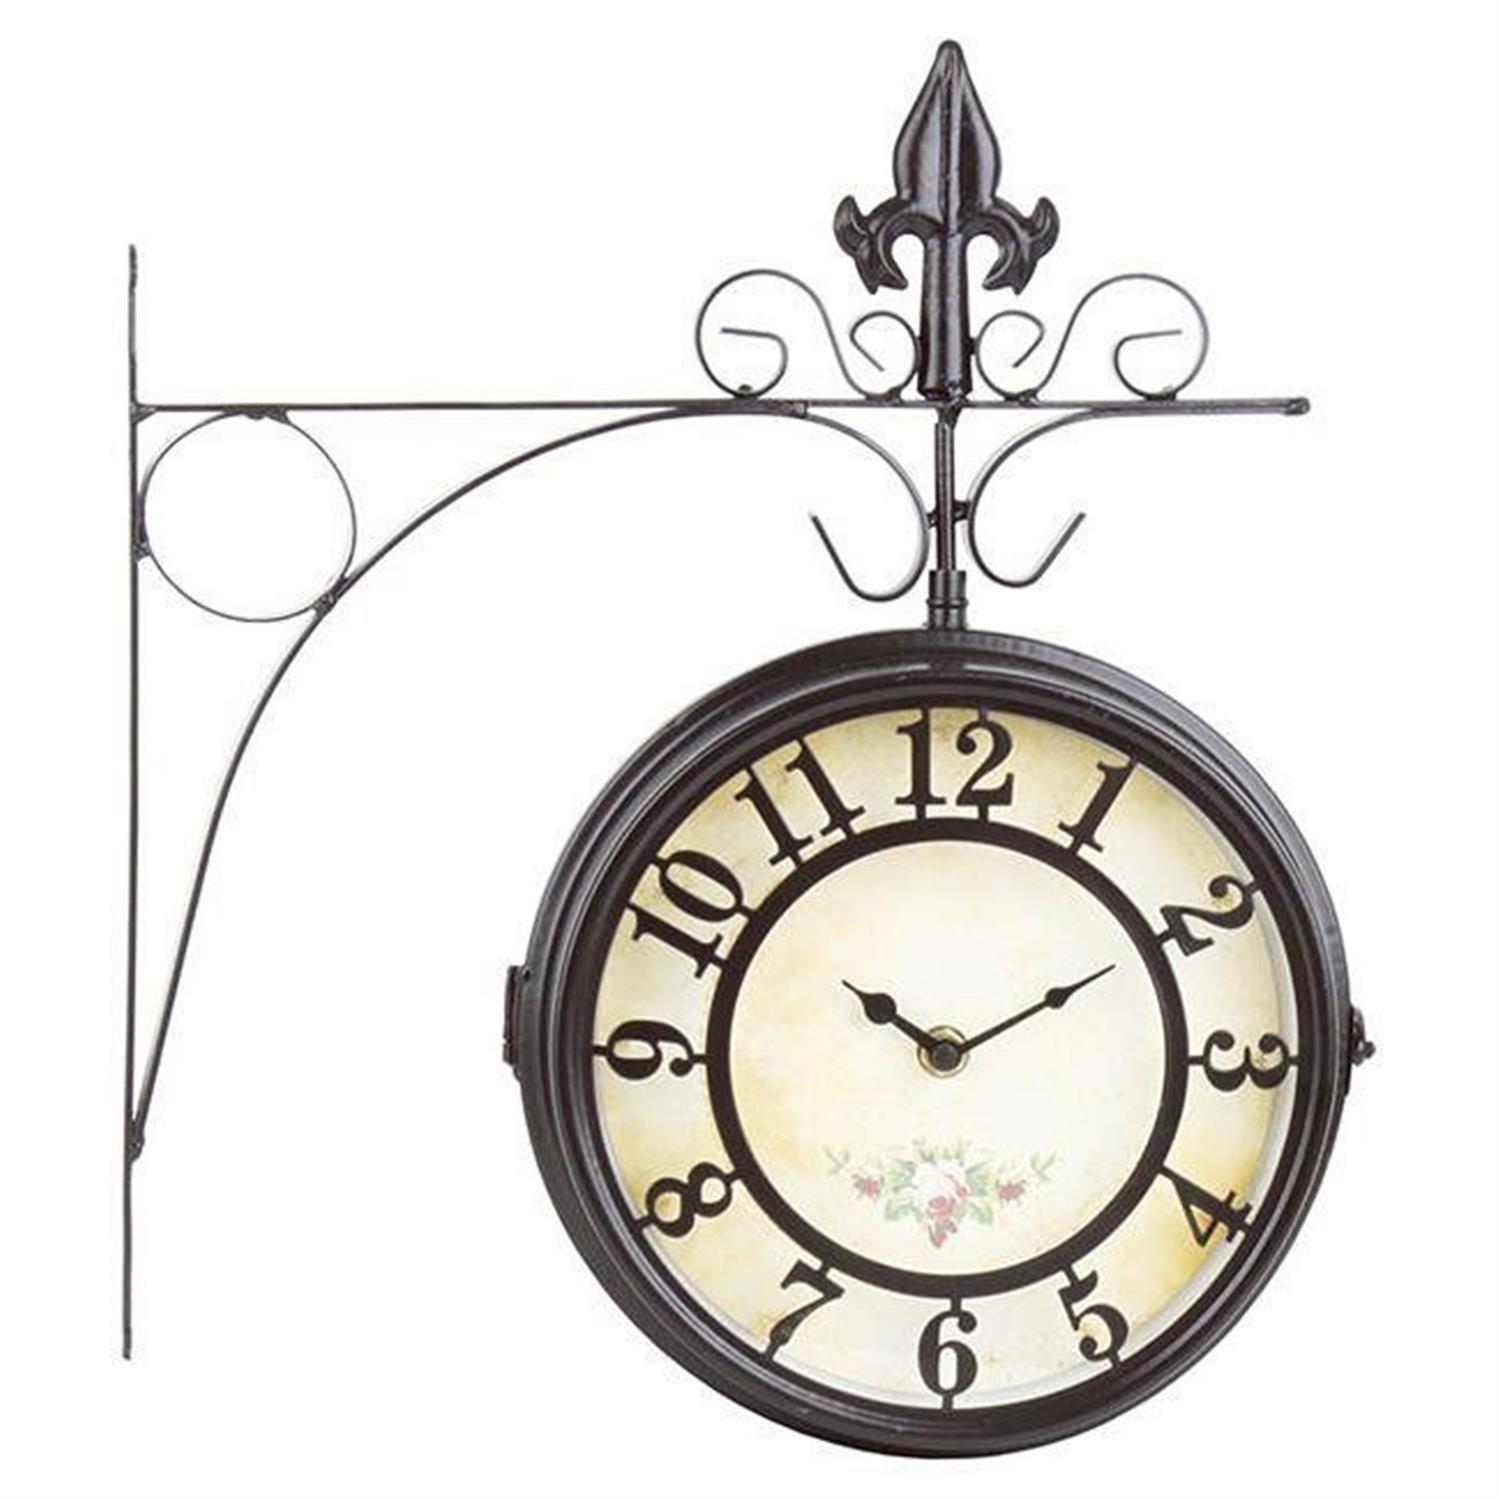 Ρολόι τοίχου σταθμού μεταλλικό σκούρο καφέ 30.5x9x35.5cm Inart 3-25-021-0008